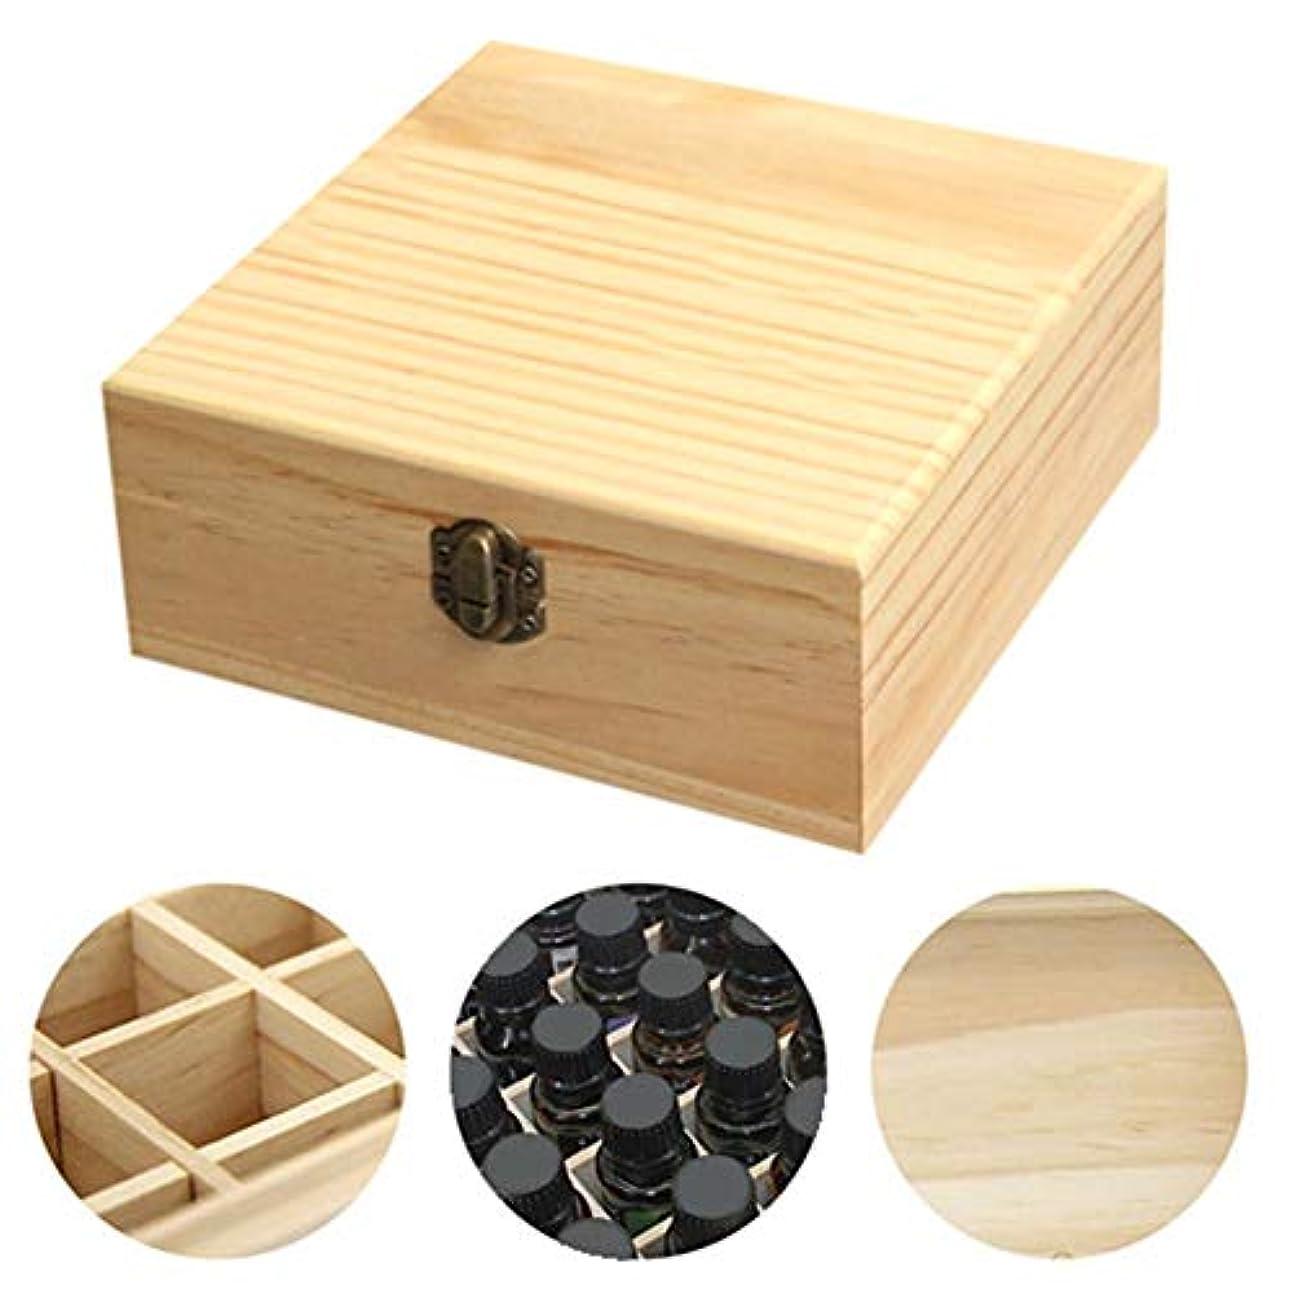 規則性ニックネーム静めるclouday エッセンシャルオイル収納ボックス 自然木製 エッセンシャルオイルオイル 収納 ボックス 香水収納ケース アロマオイル収納ボックス 25本用 approving